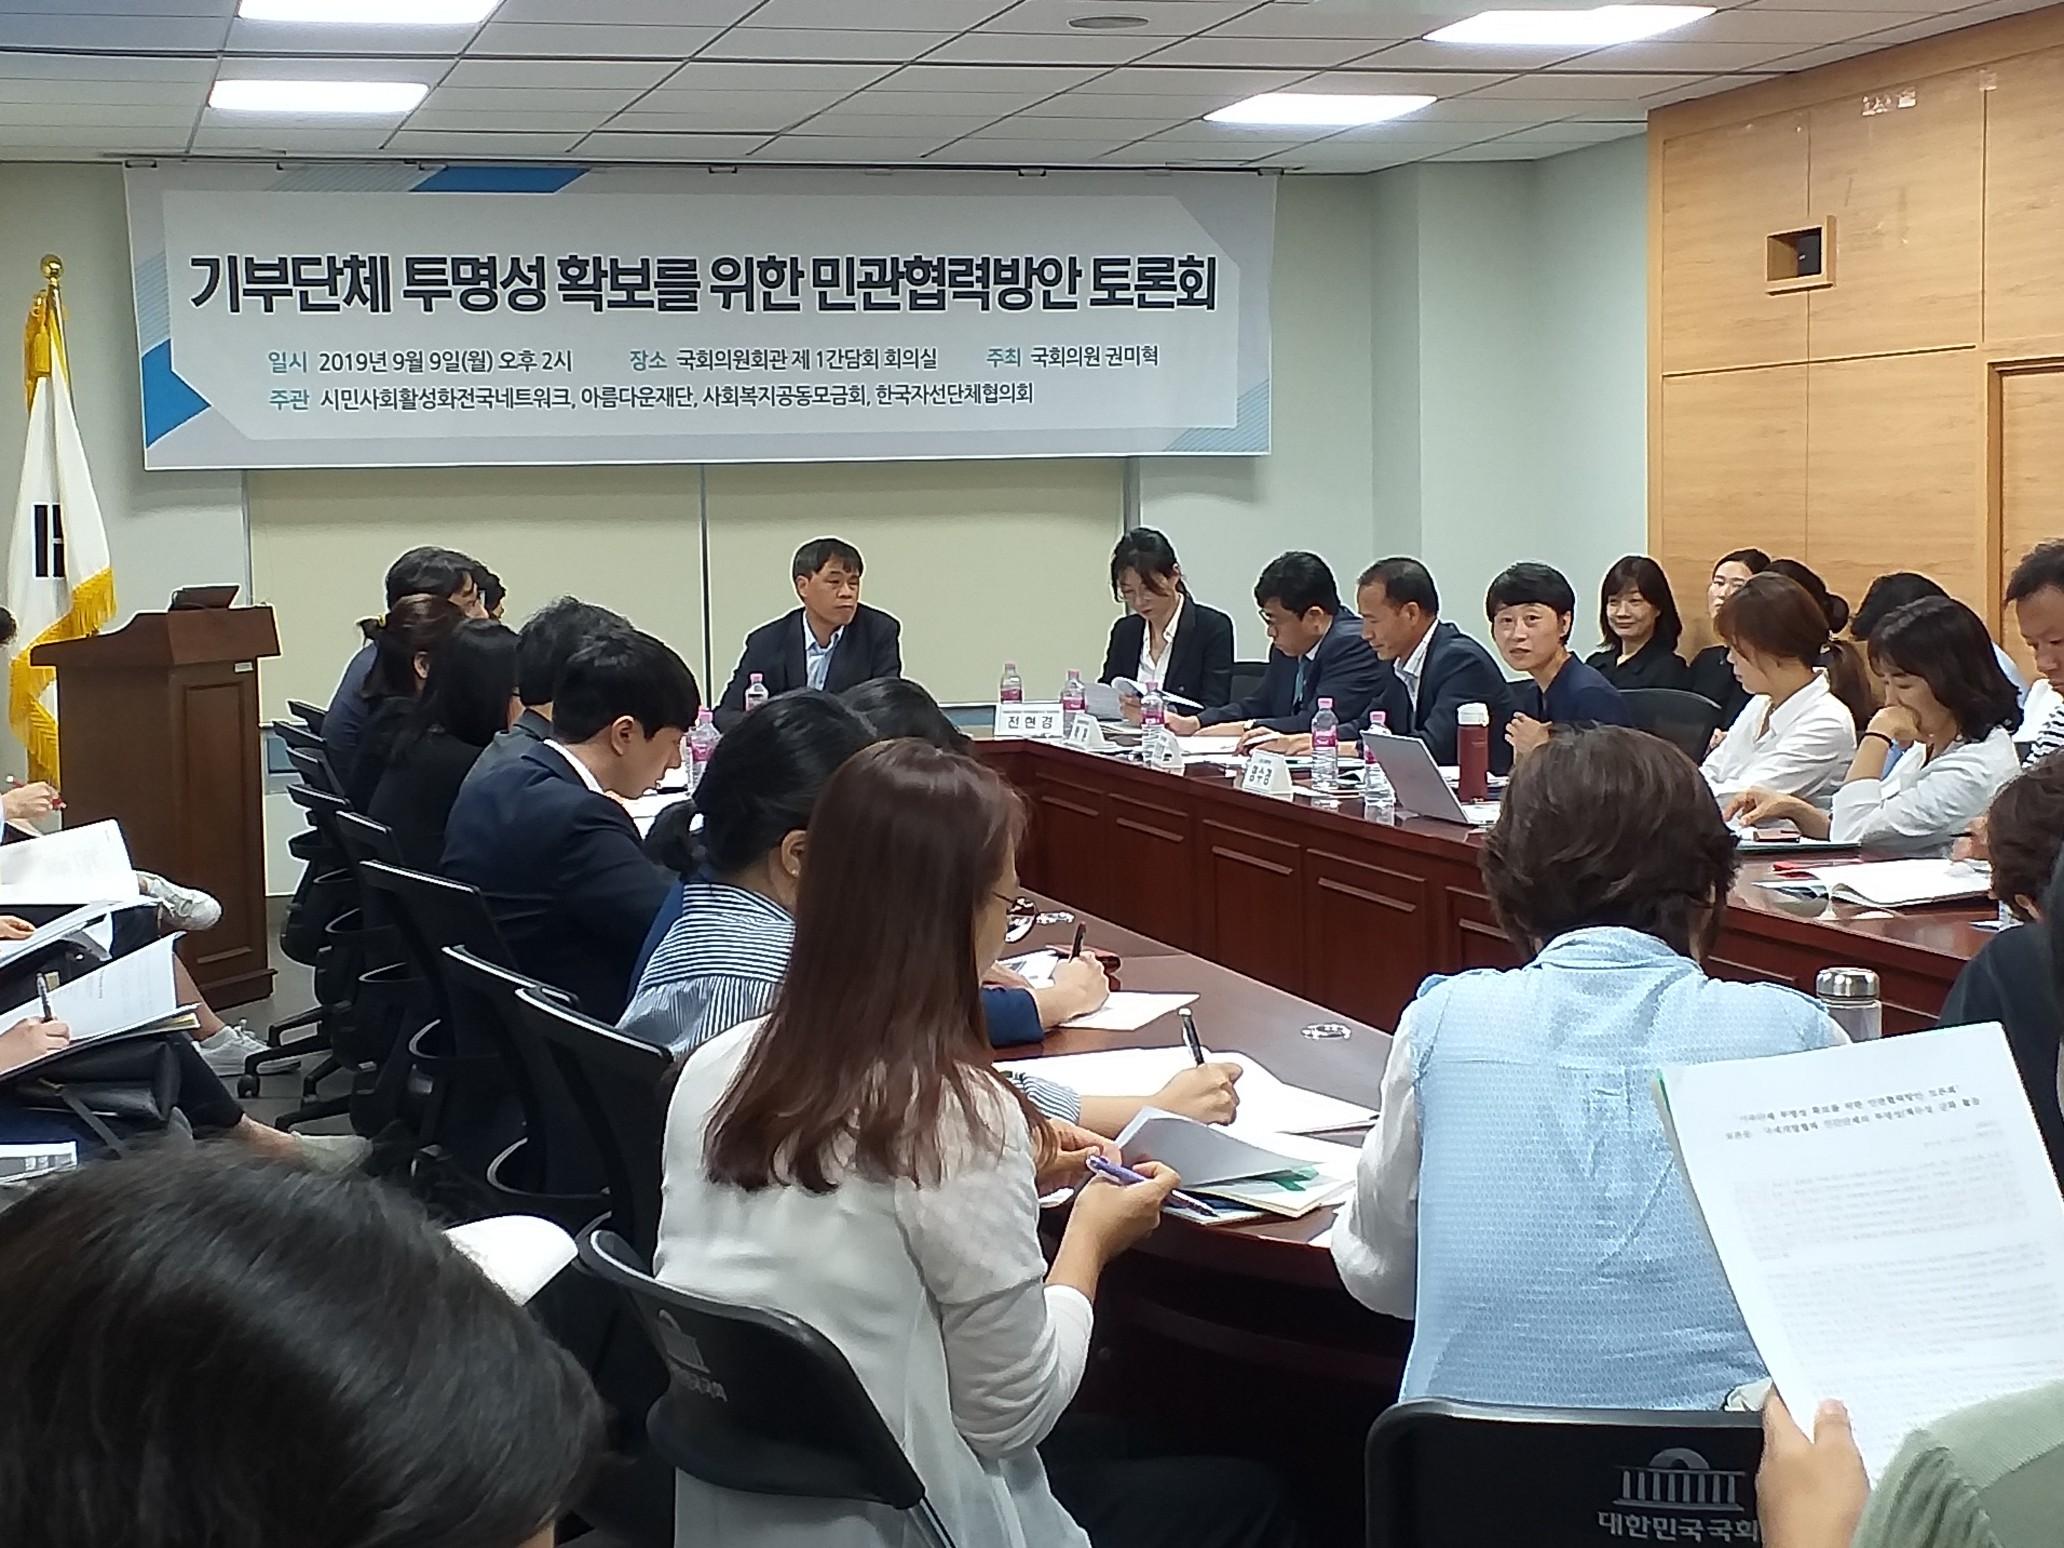 기부단체 투명성 확보를 위한 민관협력방안 토론회 모습